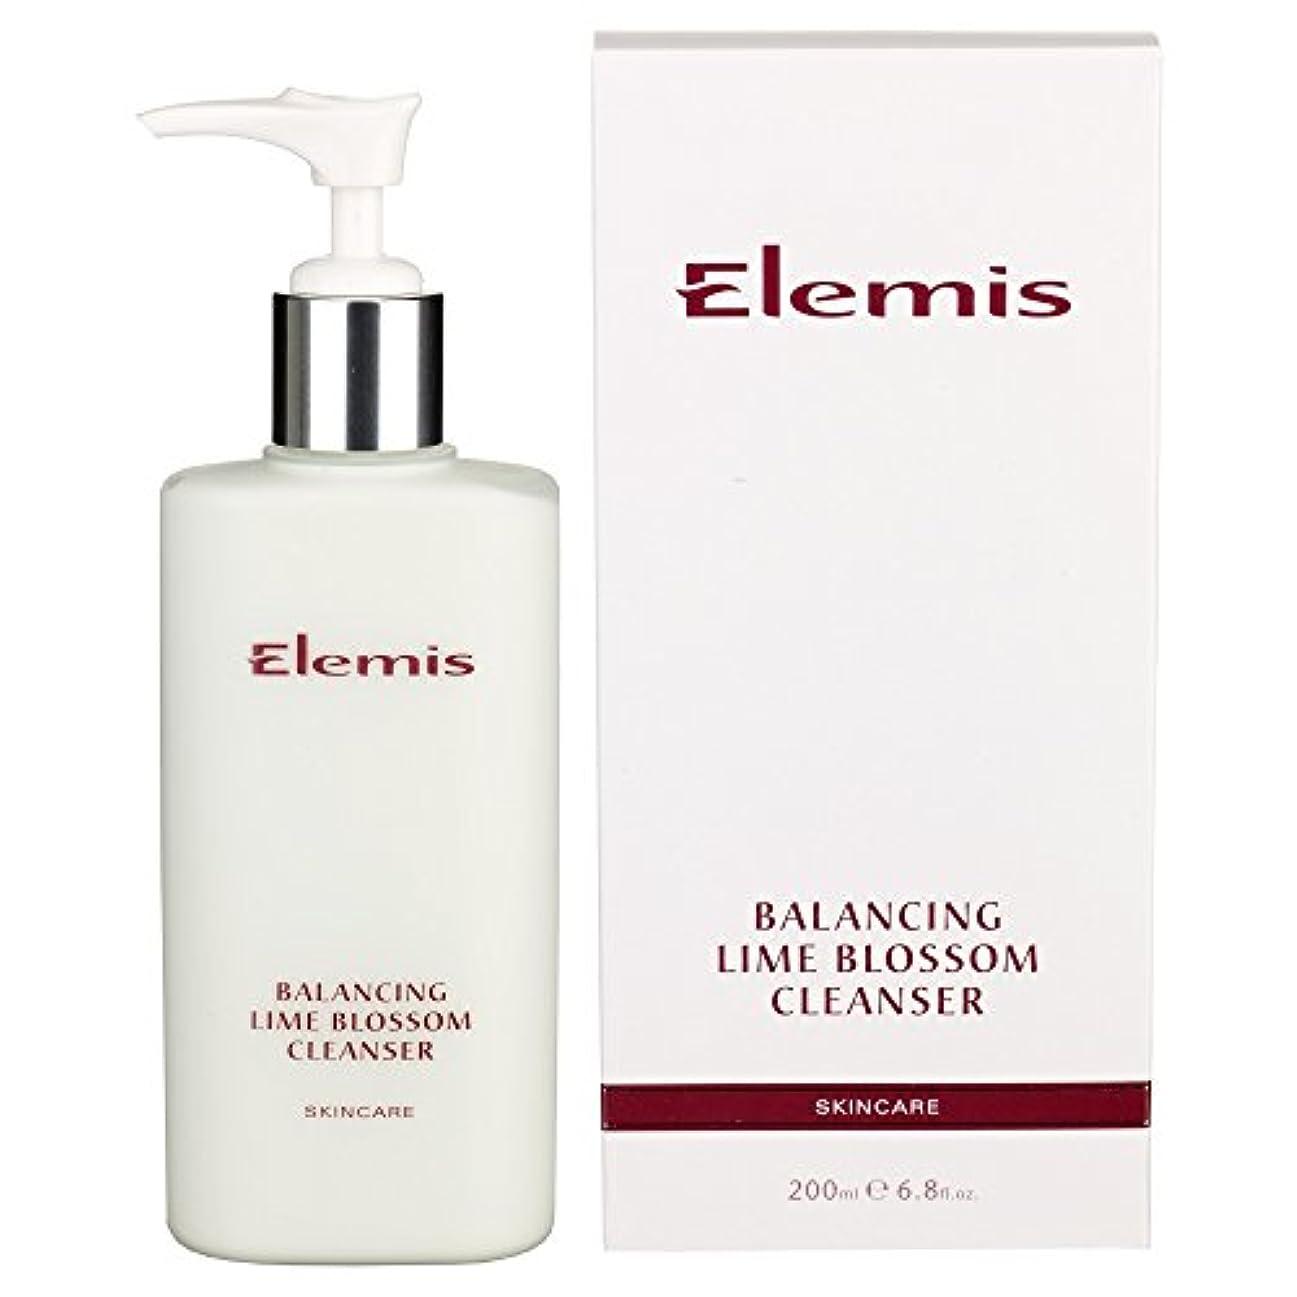 意識的スイング後ろにライムブロッサムクレンザーのバランスをとります (Elemis) (x6) - Balancing Lime Blossom Cleanser (Pack of 6) [並行輸入品]